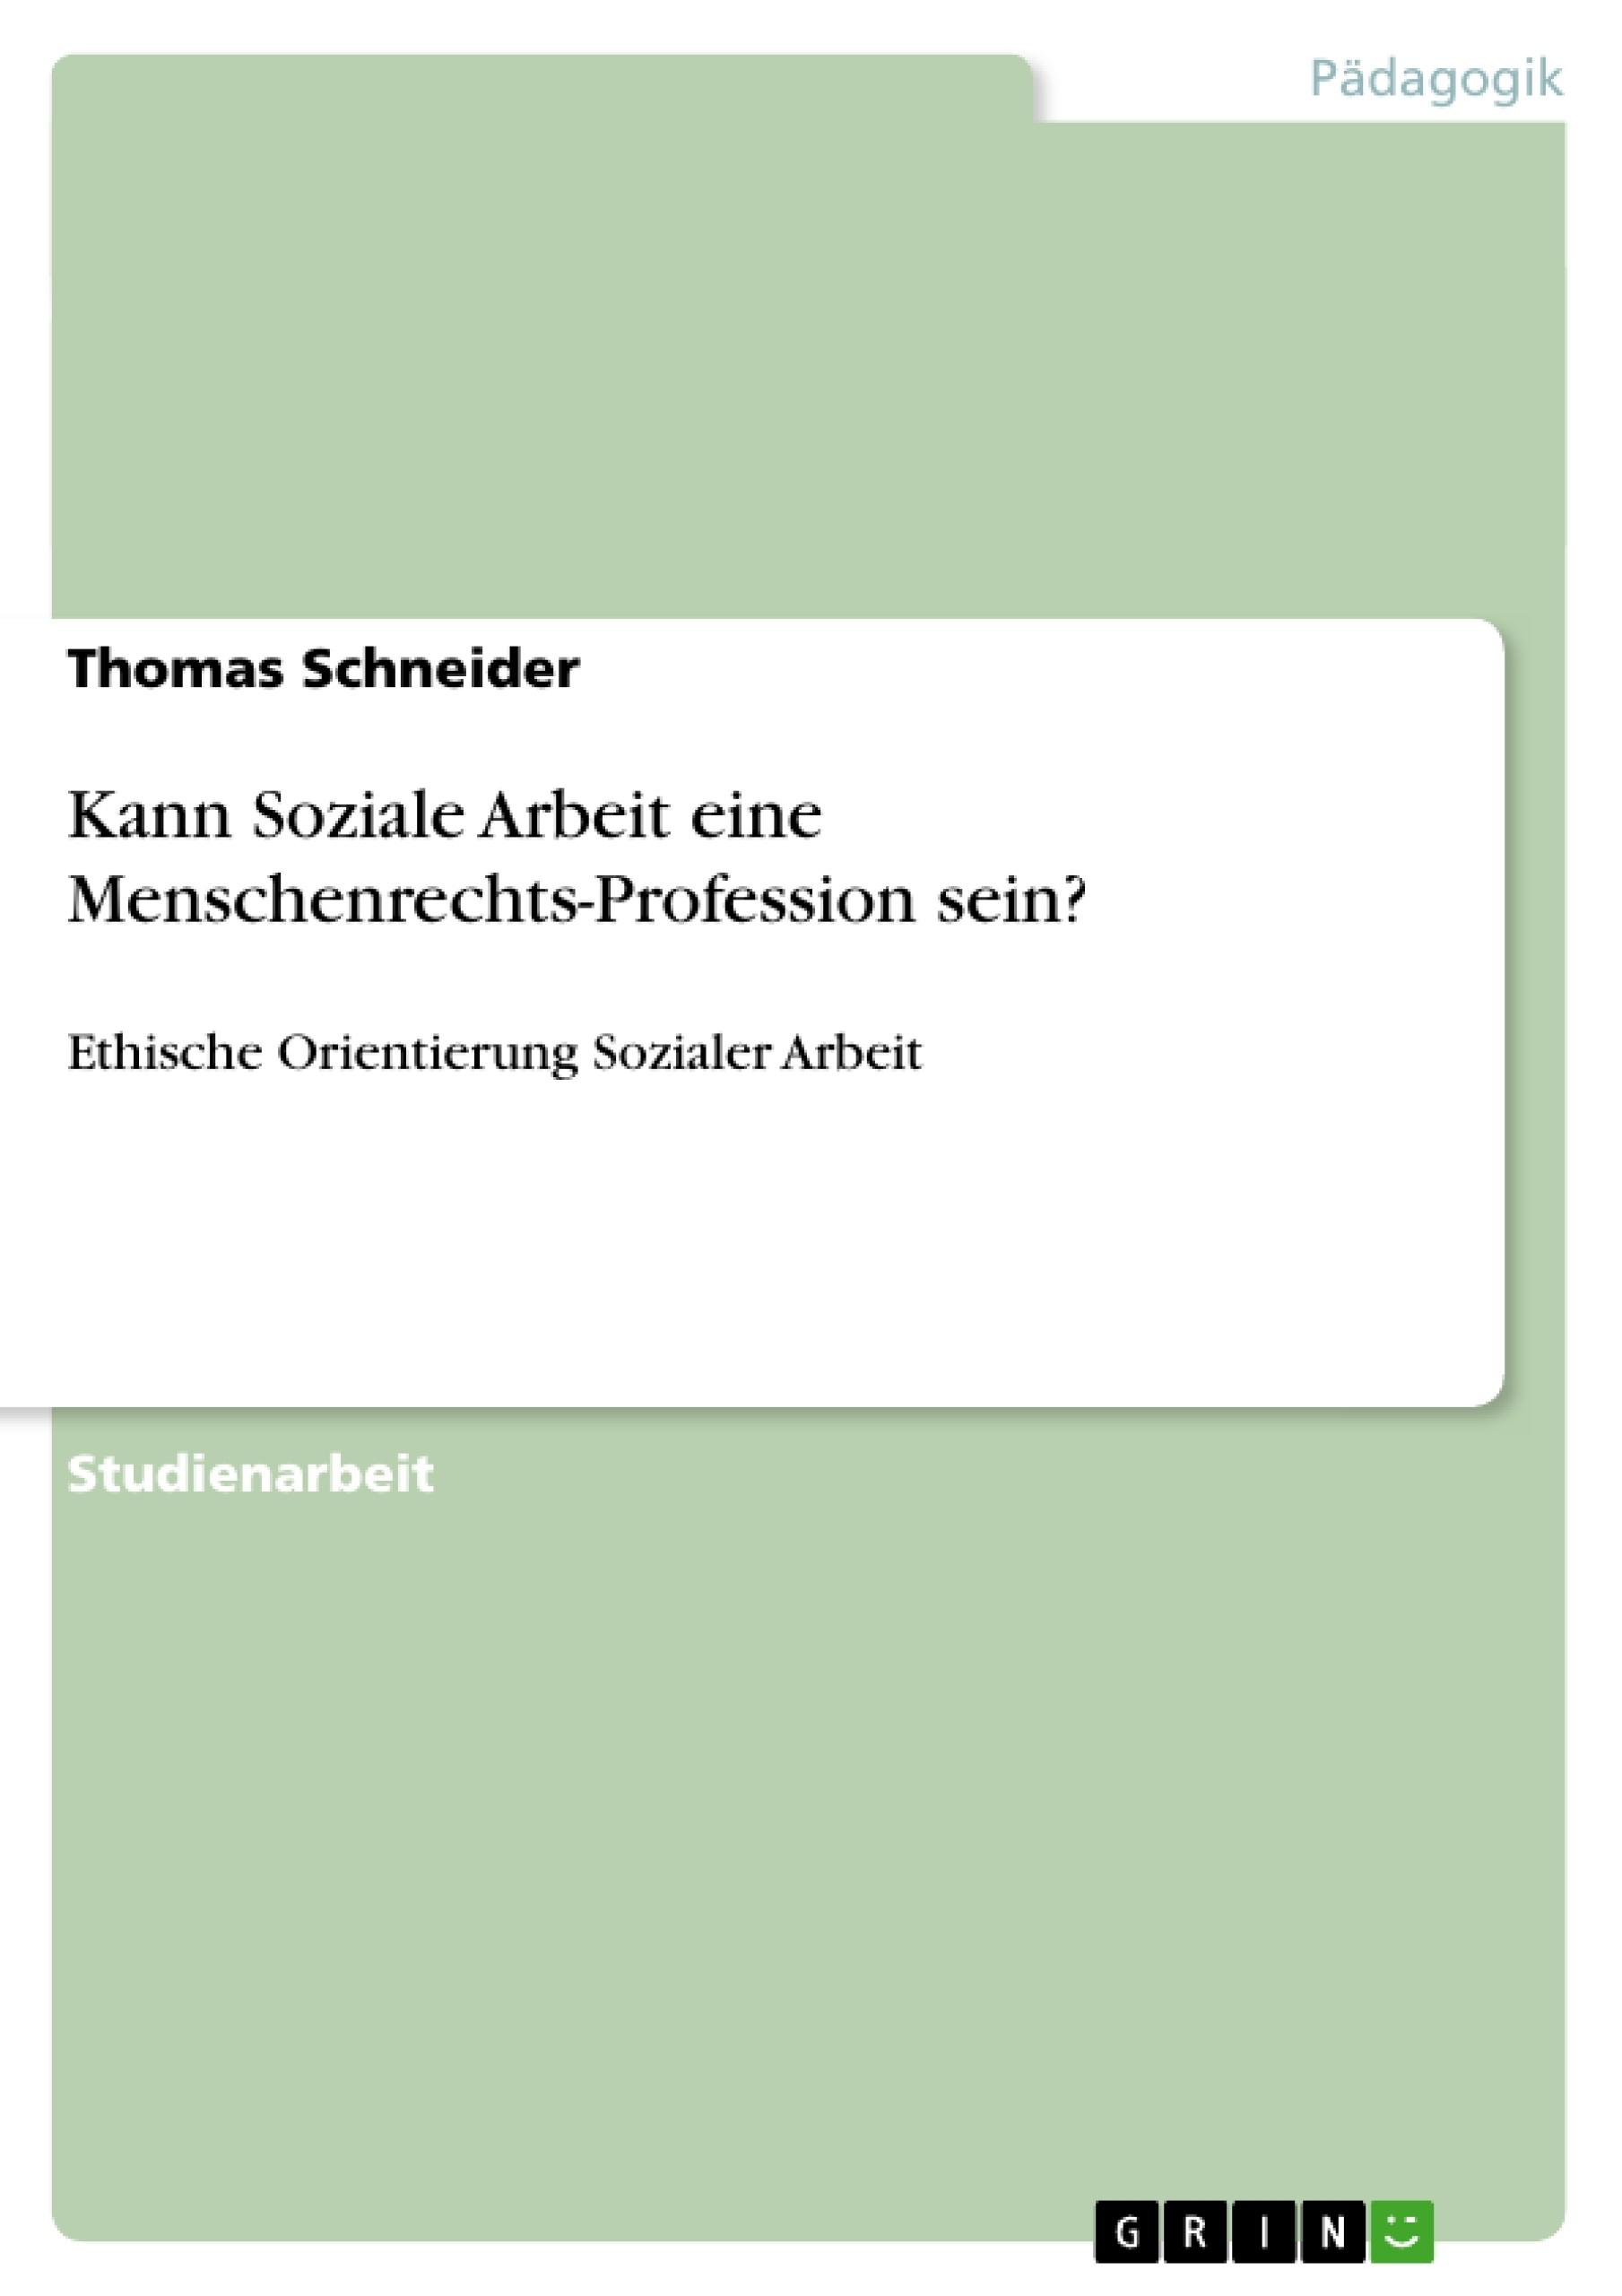 Titel: Kann Soziale Arbeit eine Menschenrechts-Profession sein?